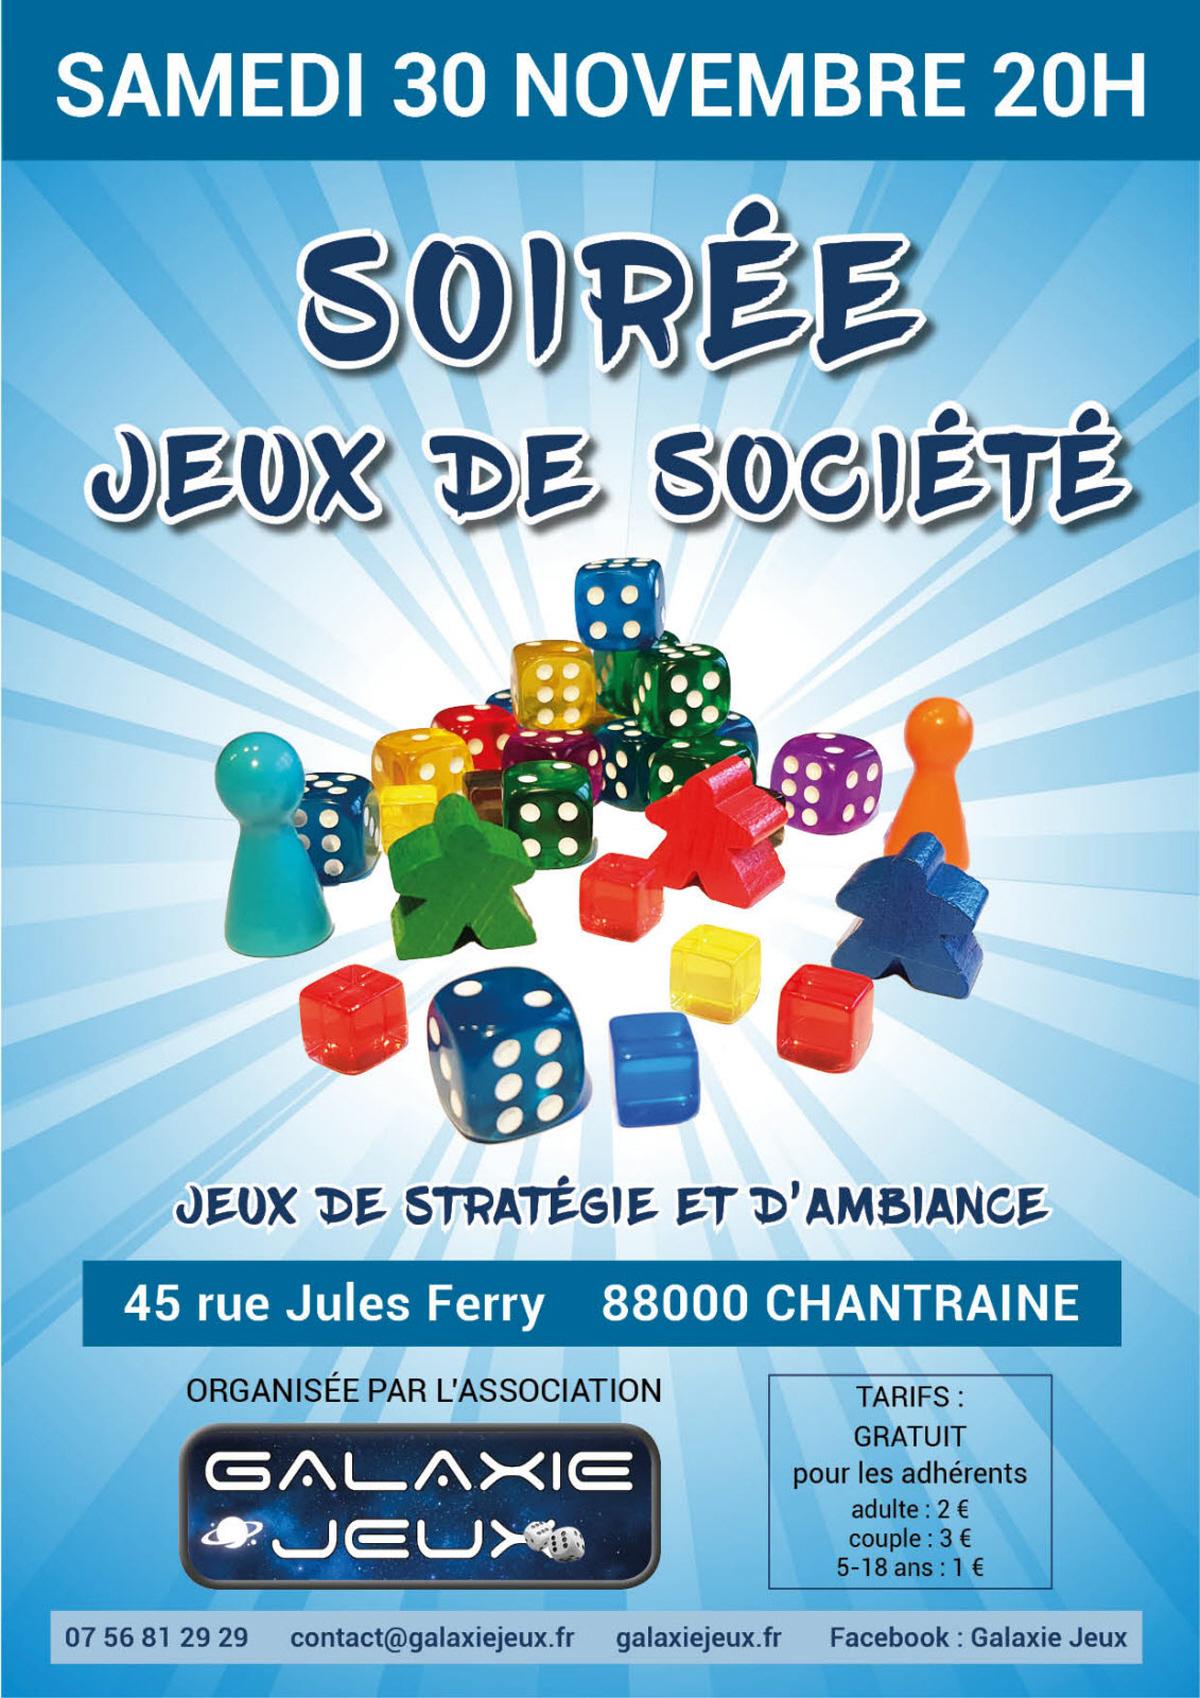 Jeux De Societe : Jeu De Societe A Chantraine pour Jeux Societe Gratuit